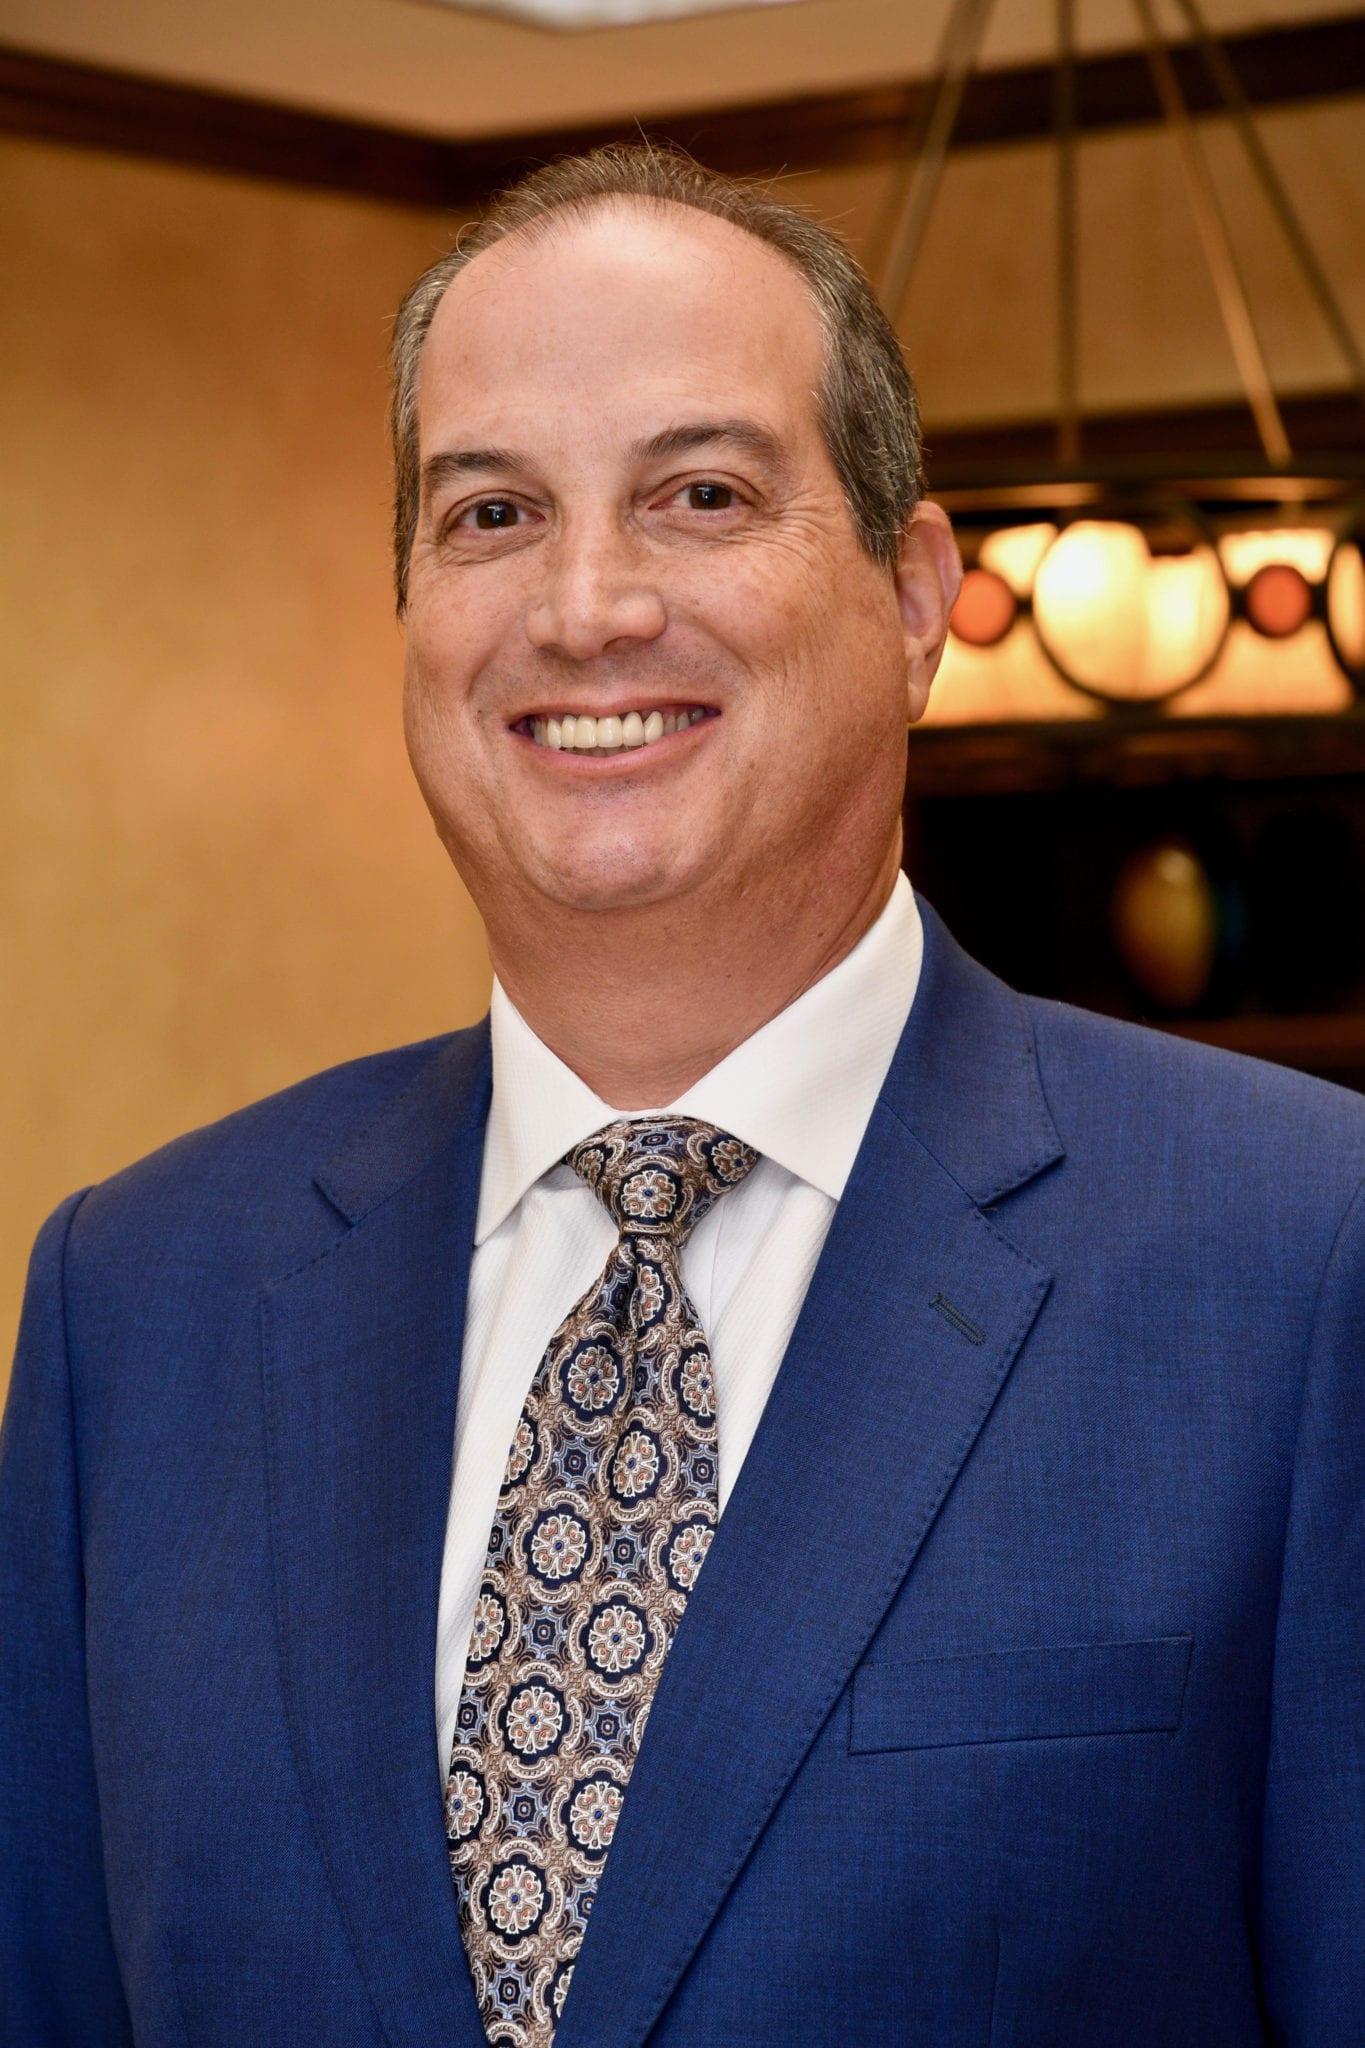 Steven M. Katzman